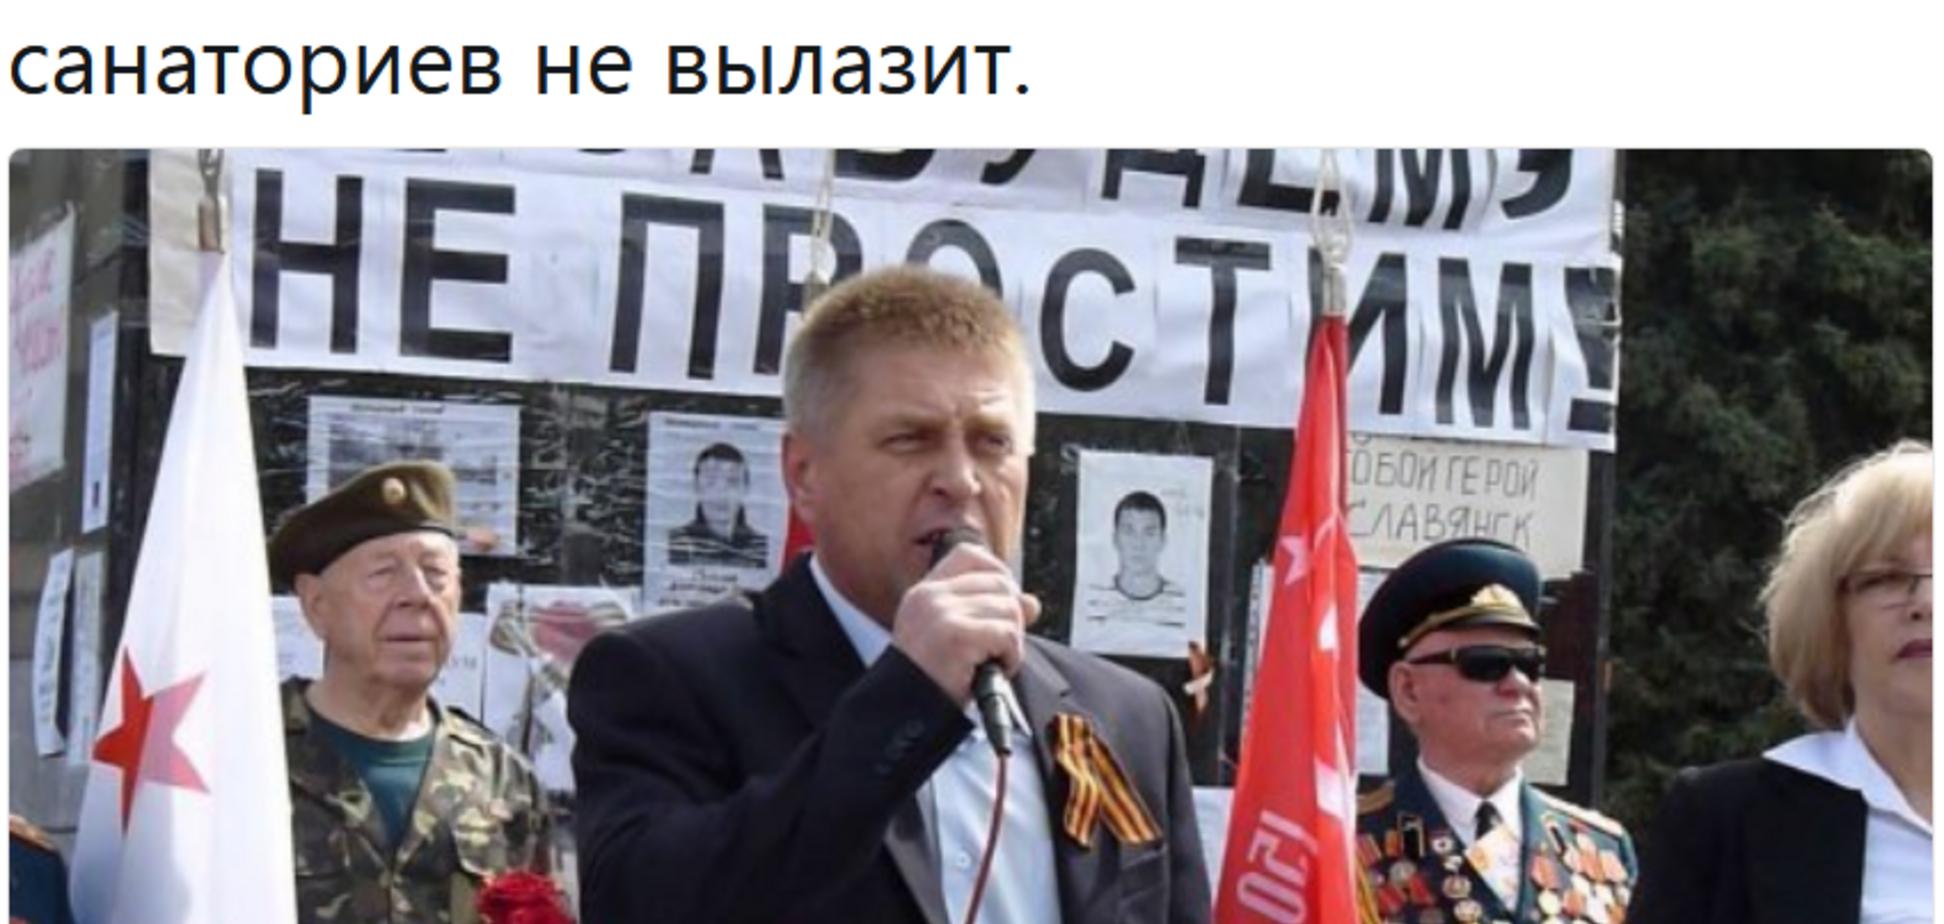 'Фантастические твари': в сети ополчились на ветерана, поддержавшего 'ДНР'